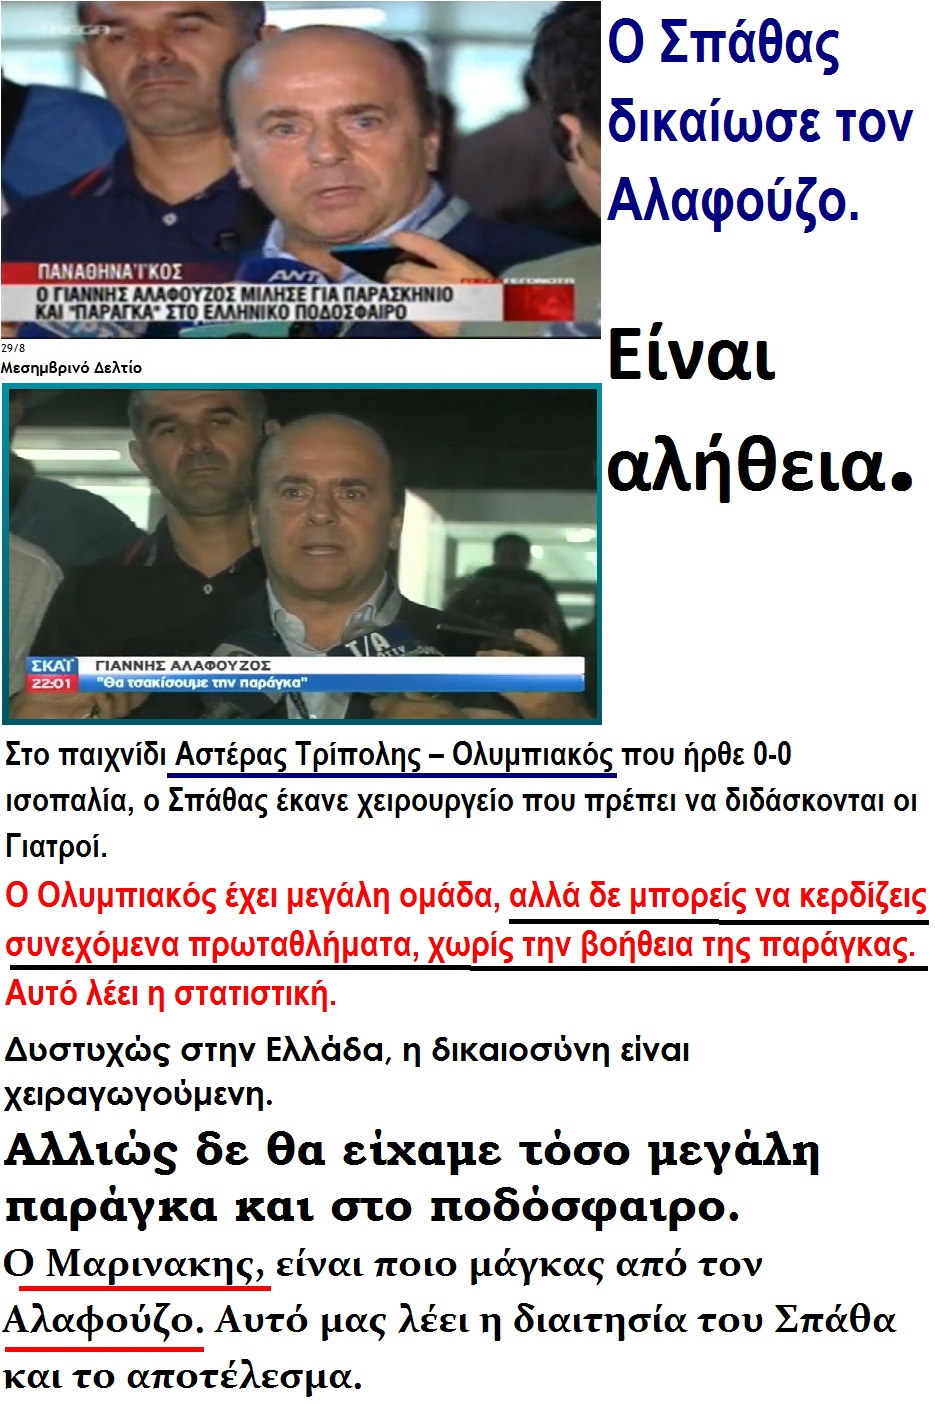 FOOTBALL PANATHINAIKOS ALAFOUZOS PARAGA OLYMPIAKOU 01 021114